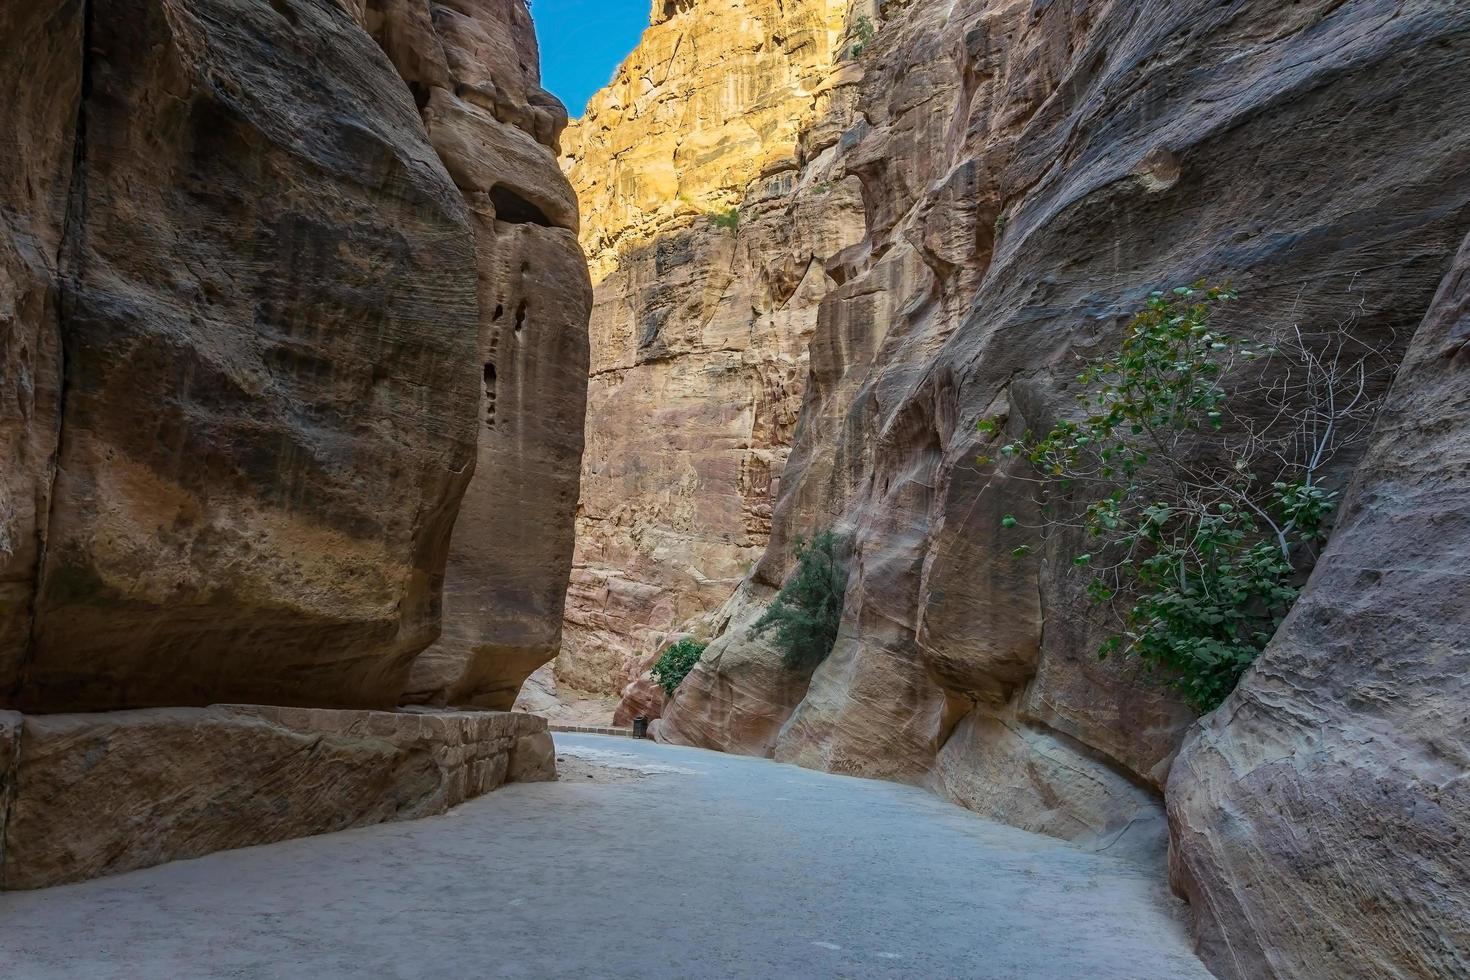 al siq gorge nella città antica di petra, giordania foto